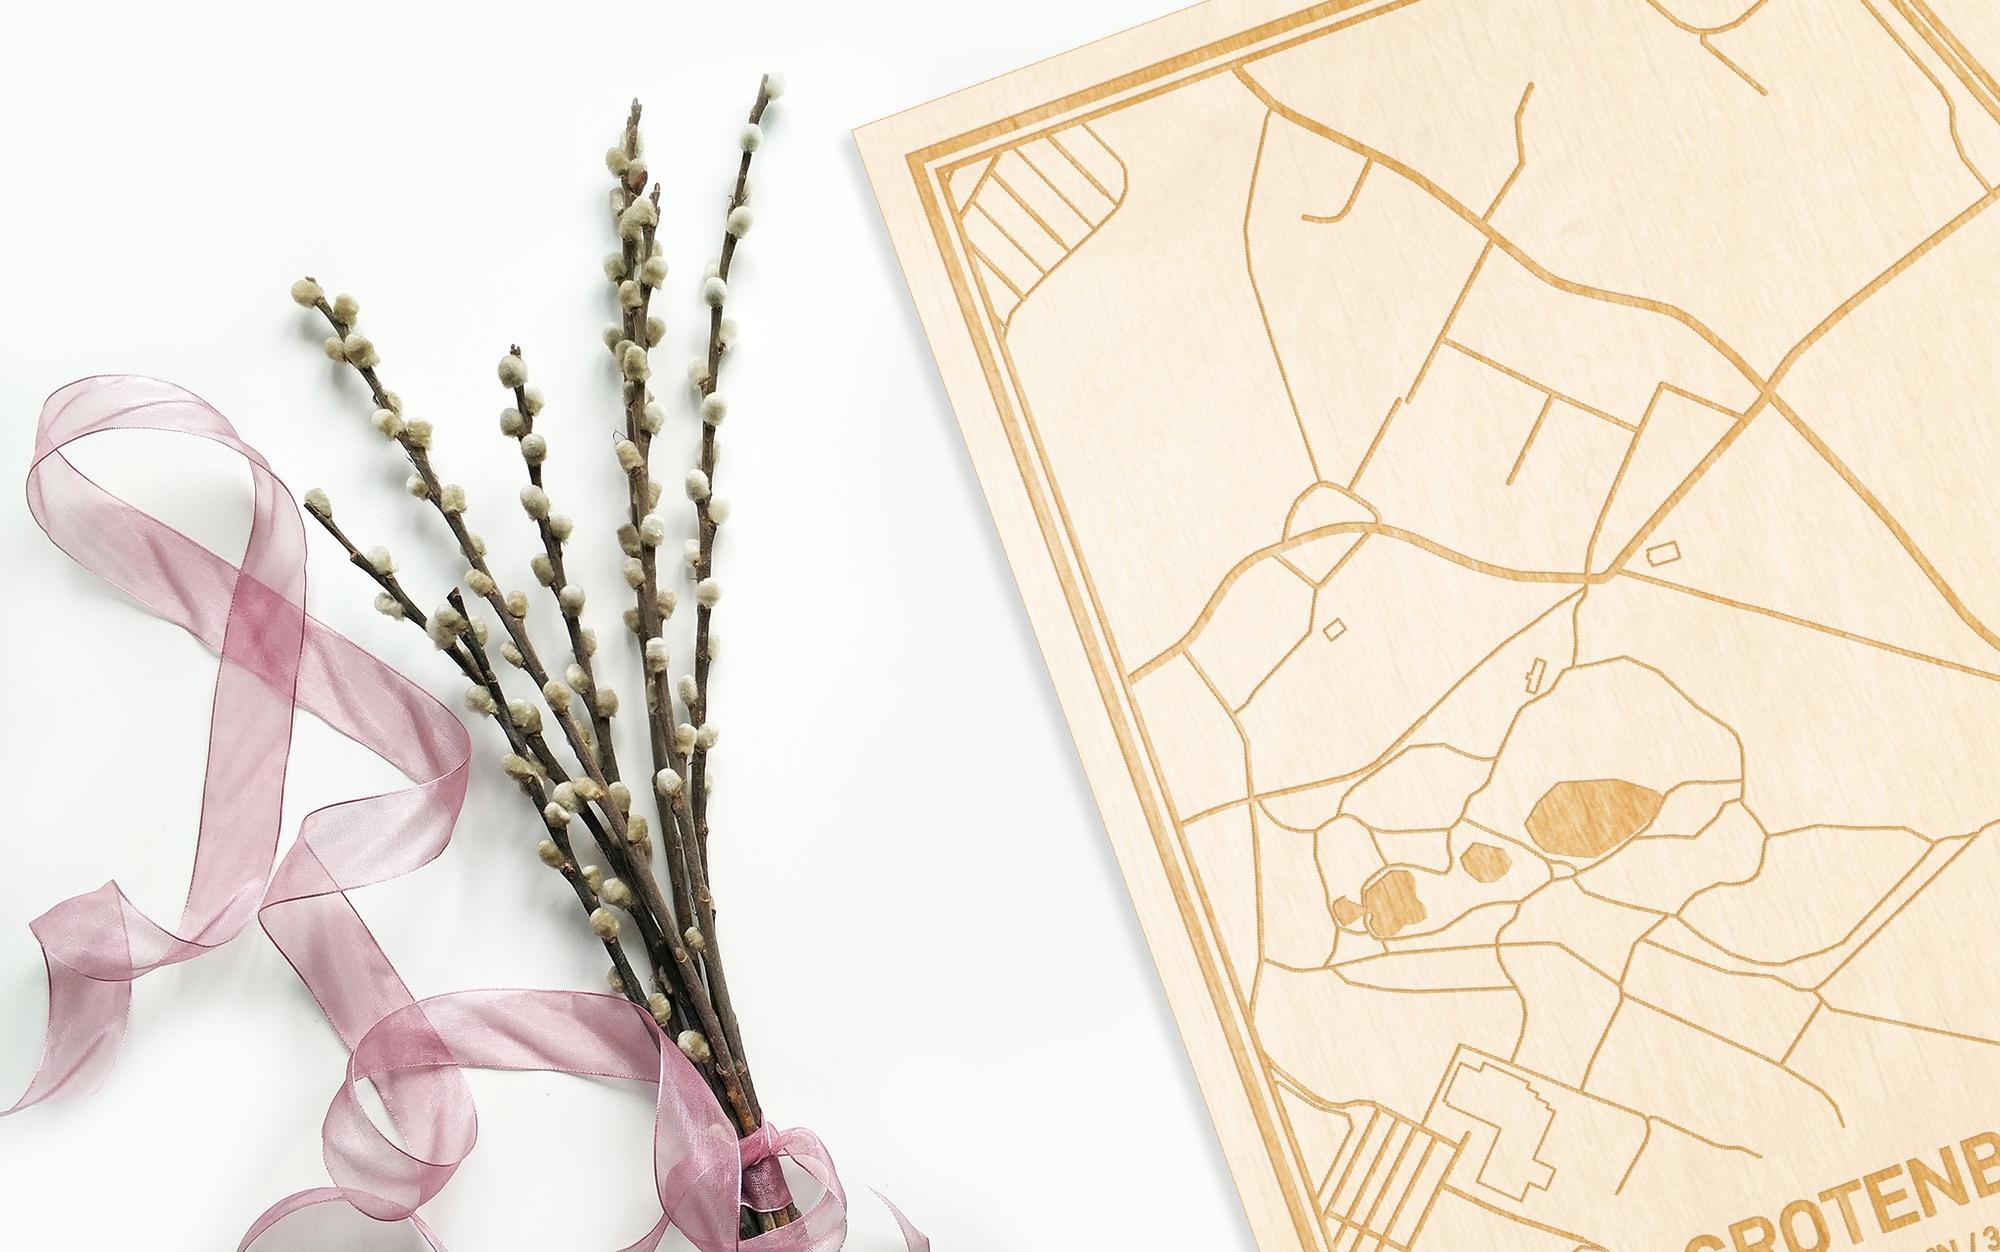 Hier ligt de houten plattegrond Grotenberge naast een bloemetje als gepersonaliseerd cadeau voor haar.